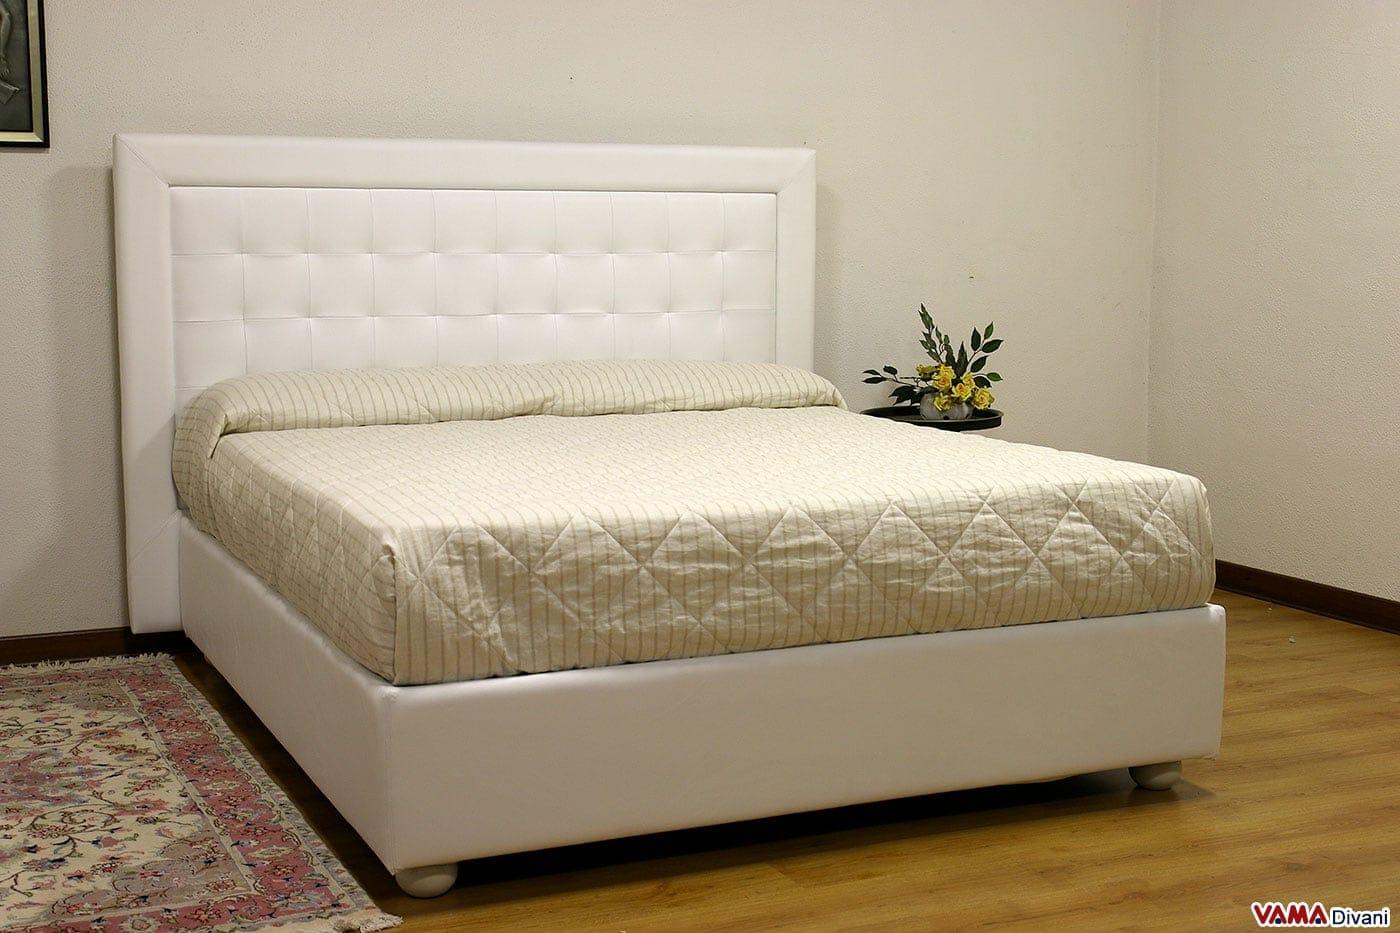 Letto moderno bianco in pelle con testiera a quadri - Dove comprare un letto matrimoniale ...